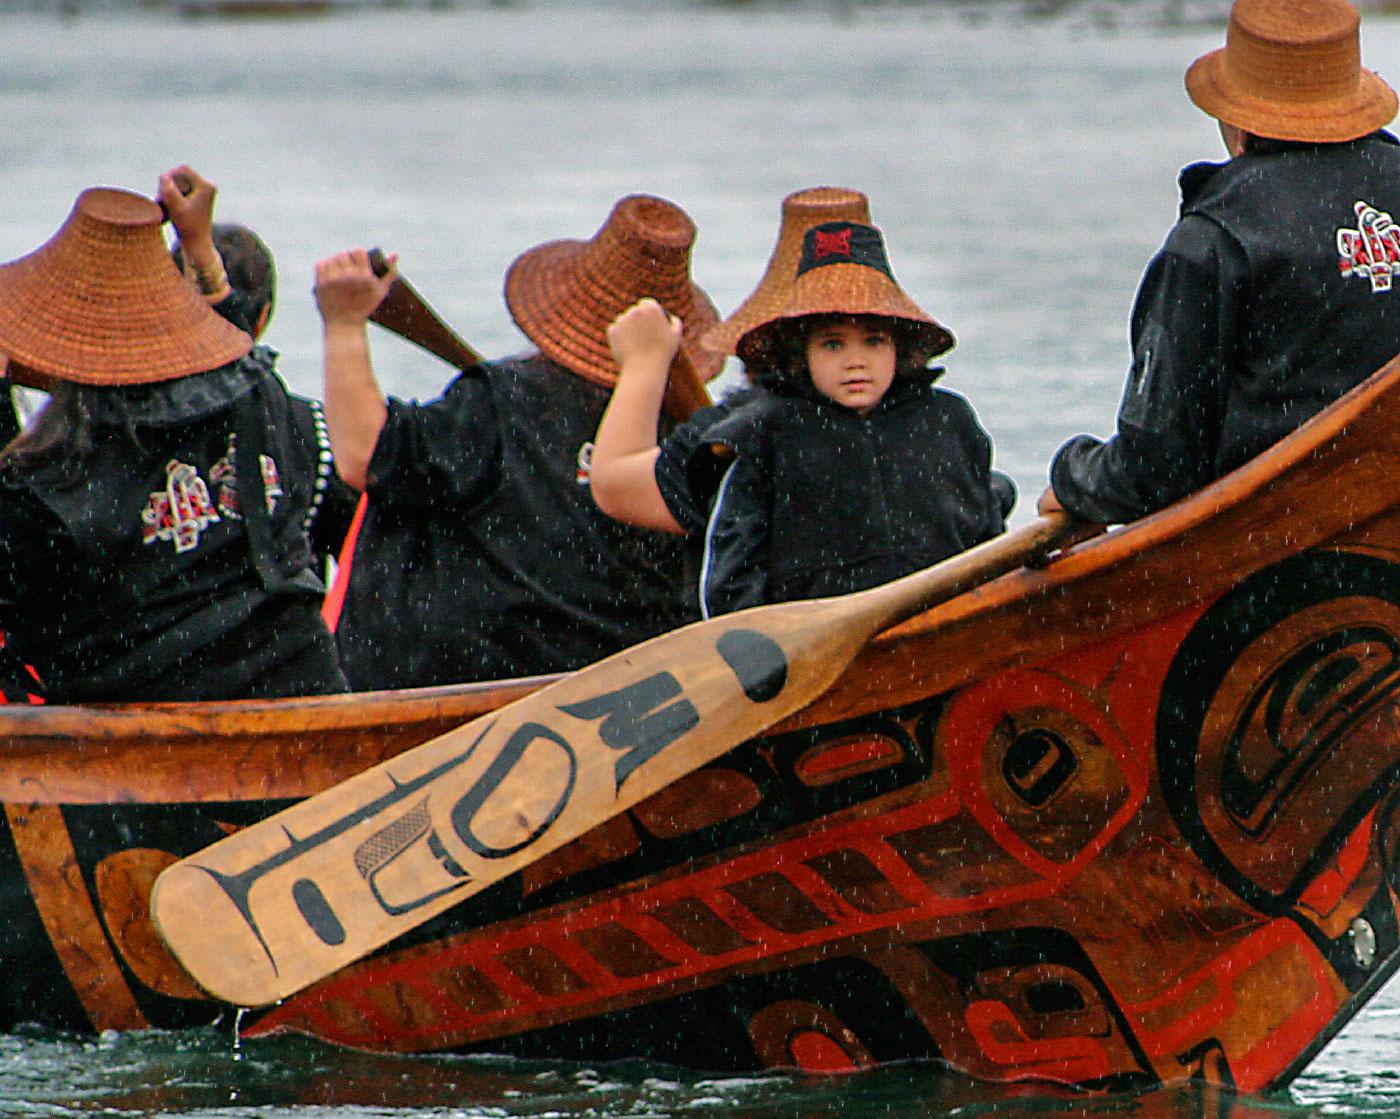 Haida Gwaii Bill Reid's Loo Taas (Wave-Eater)